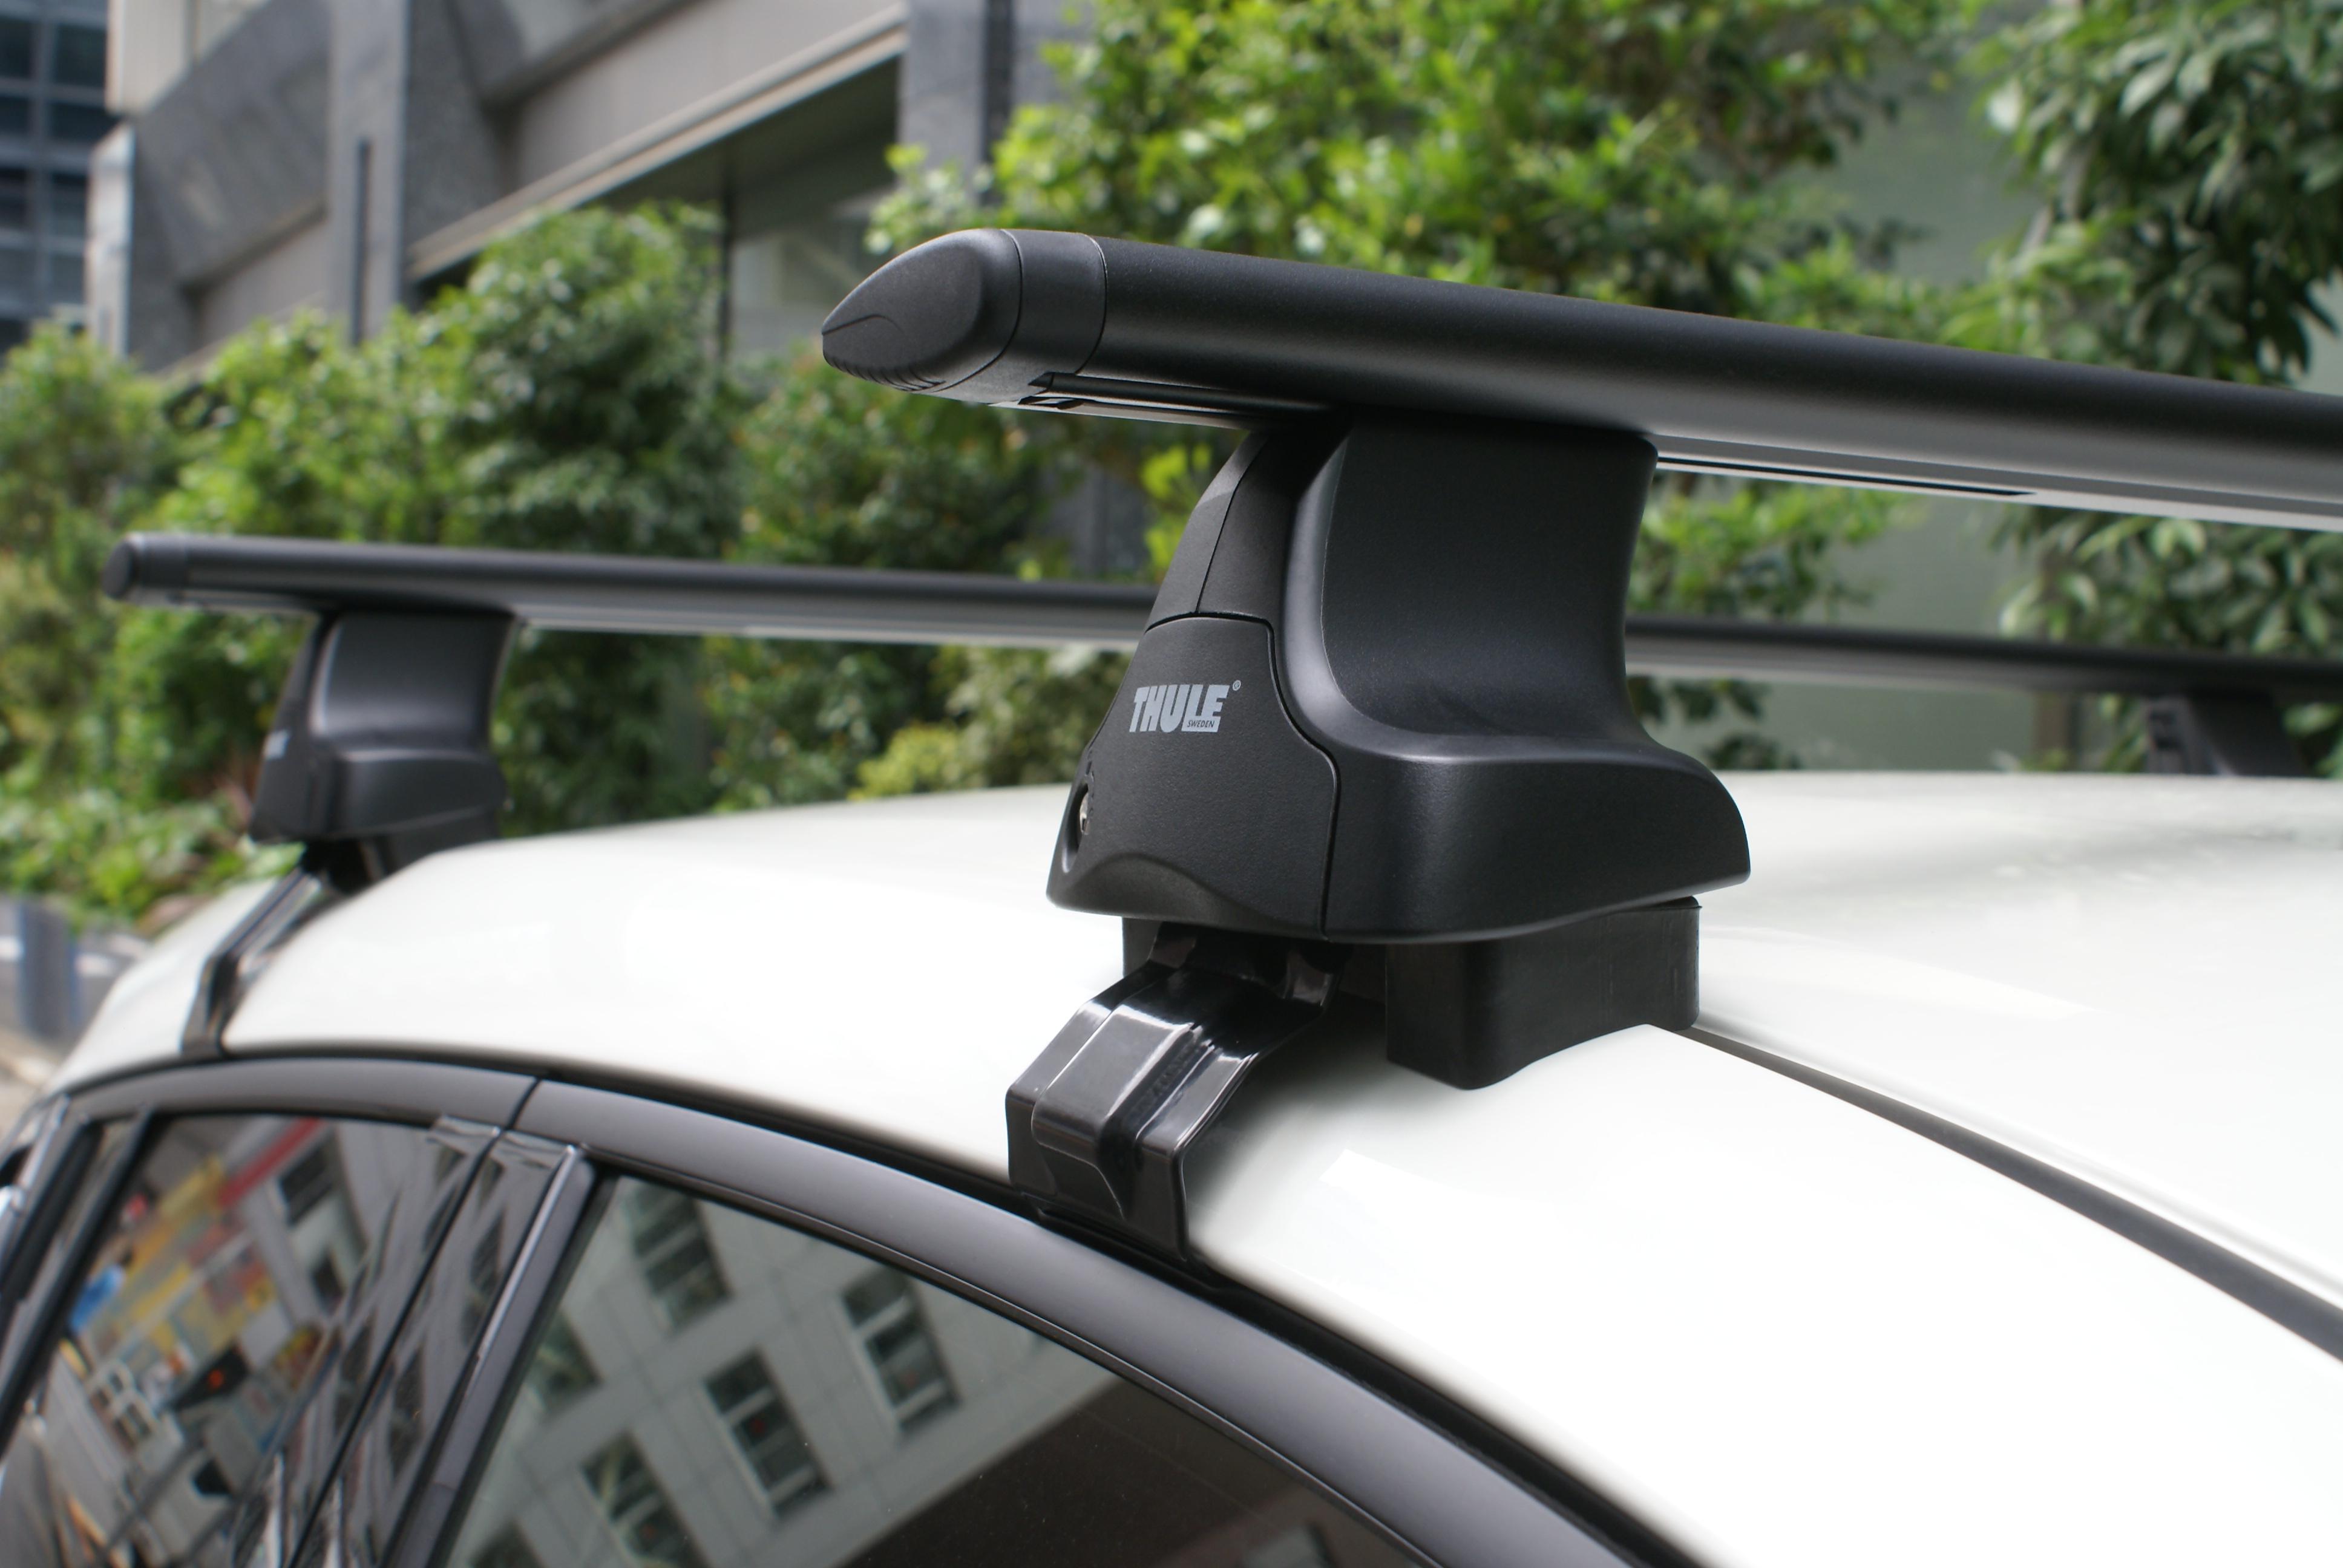 Thule Motion Xt >> トヨタC-HR用THULEルーフキャリアキット新発売|THULEルーフキャリアここだけの話